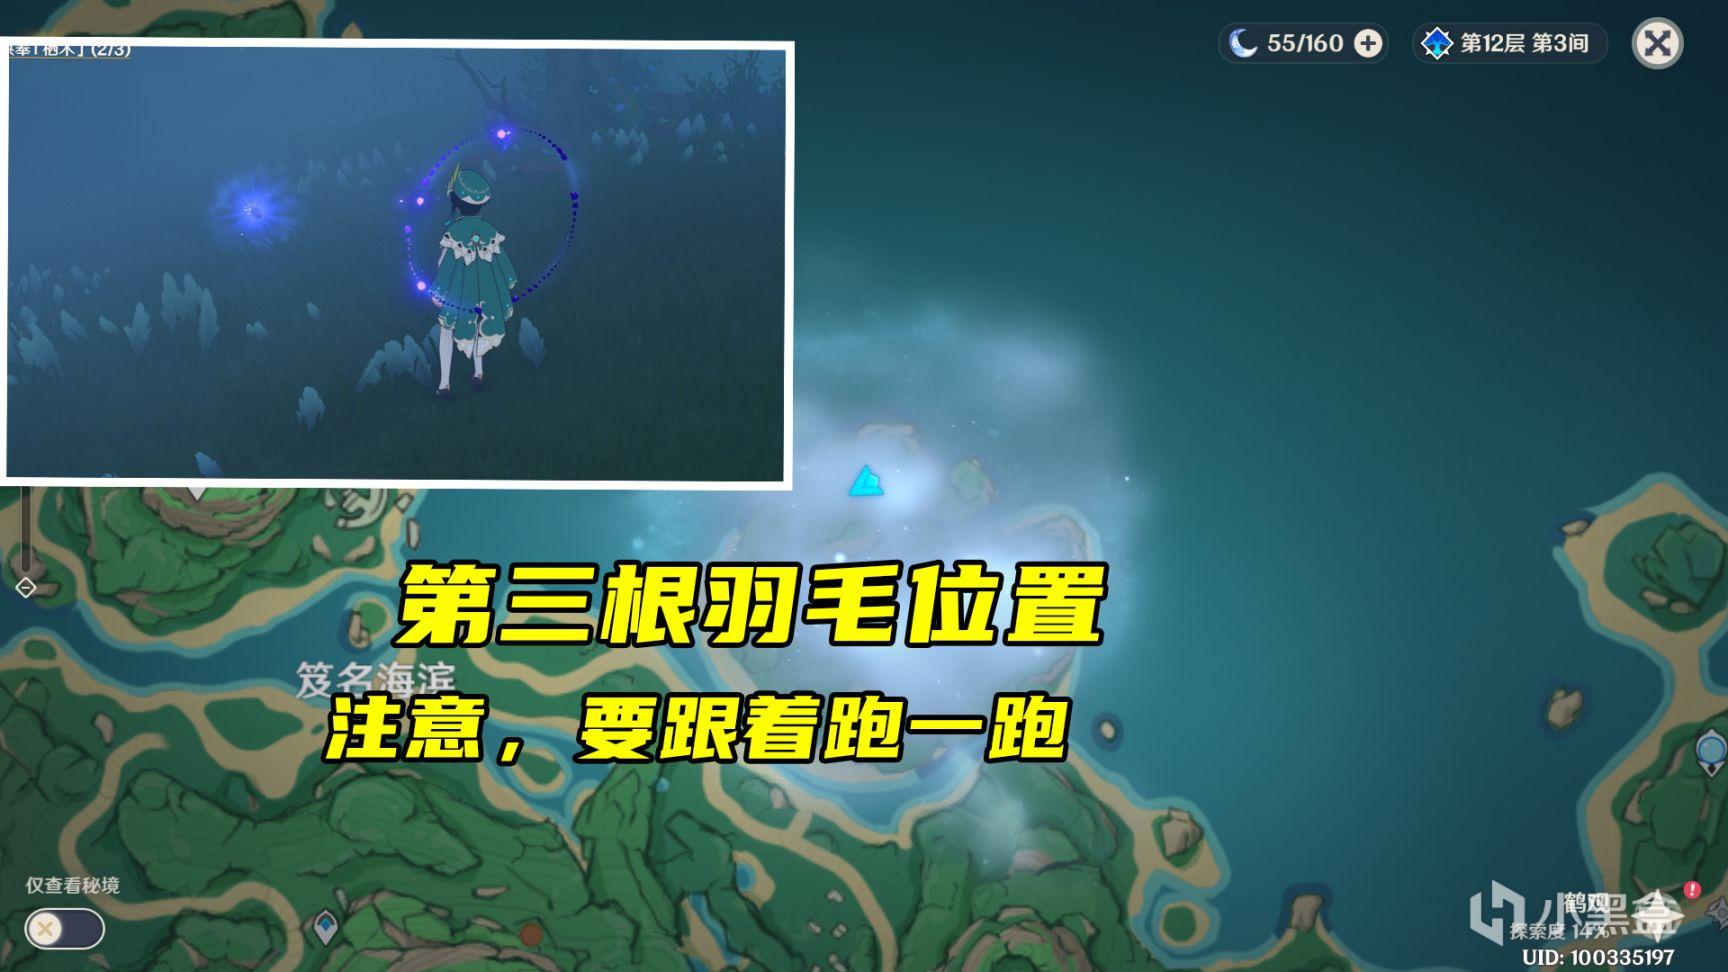 【雾海纪行】最详细的全攻略(多图警告)插图50